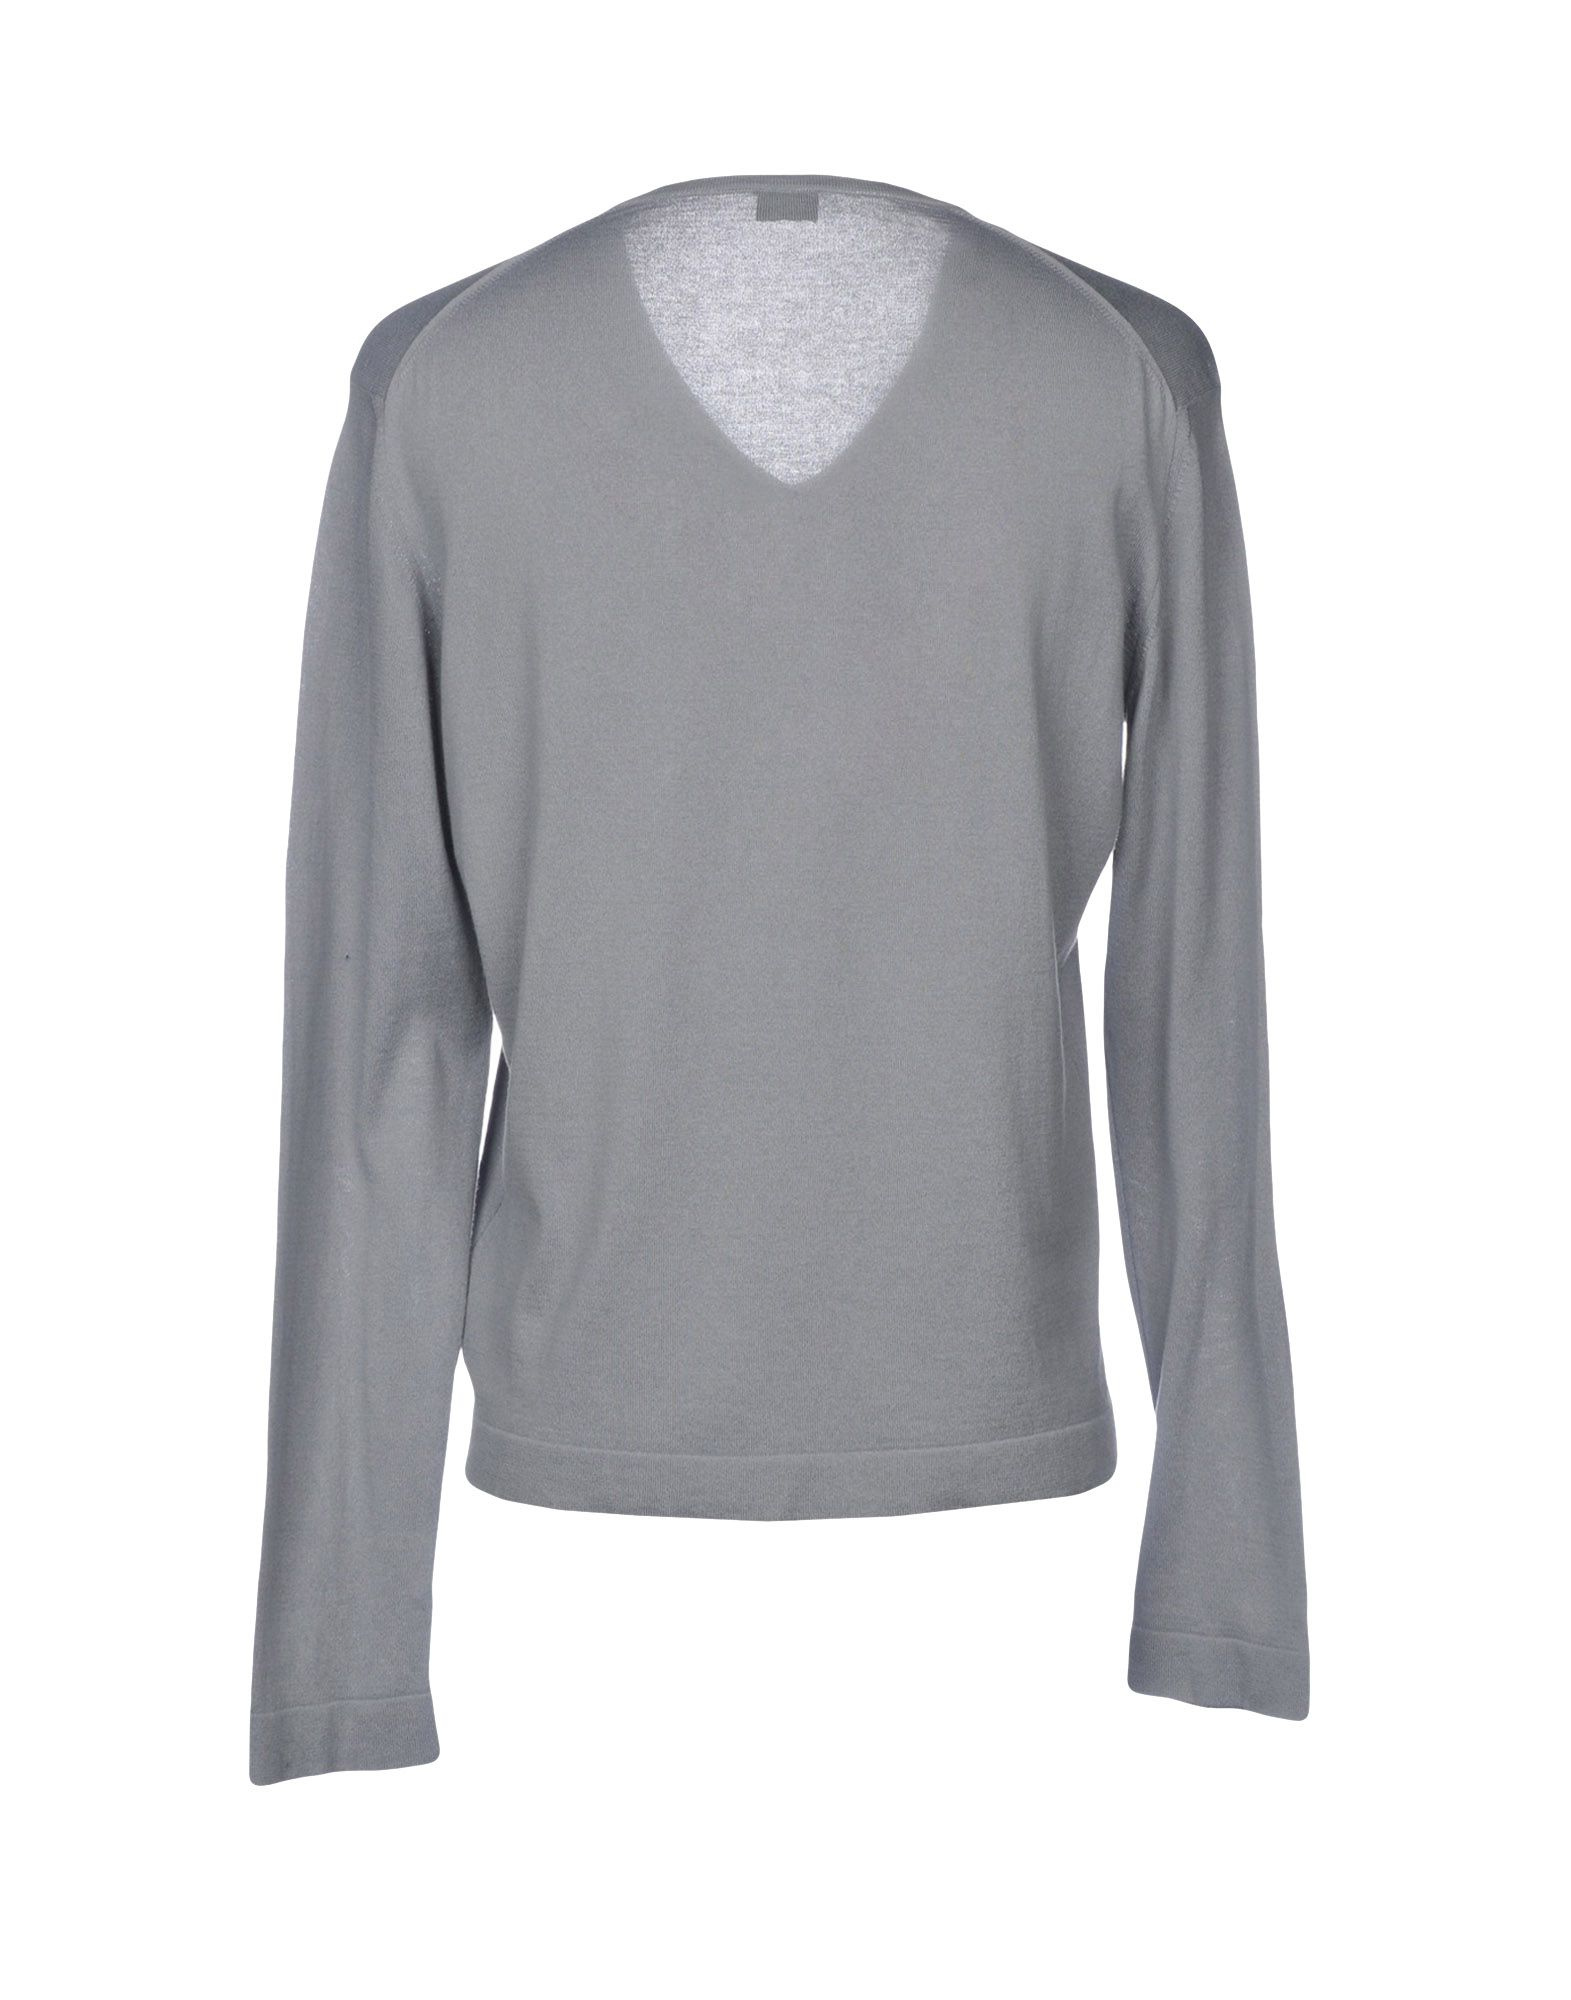 Pullover Pullover Pullover Jil Sander Uomo - 39887900OV 8faad9